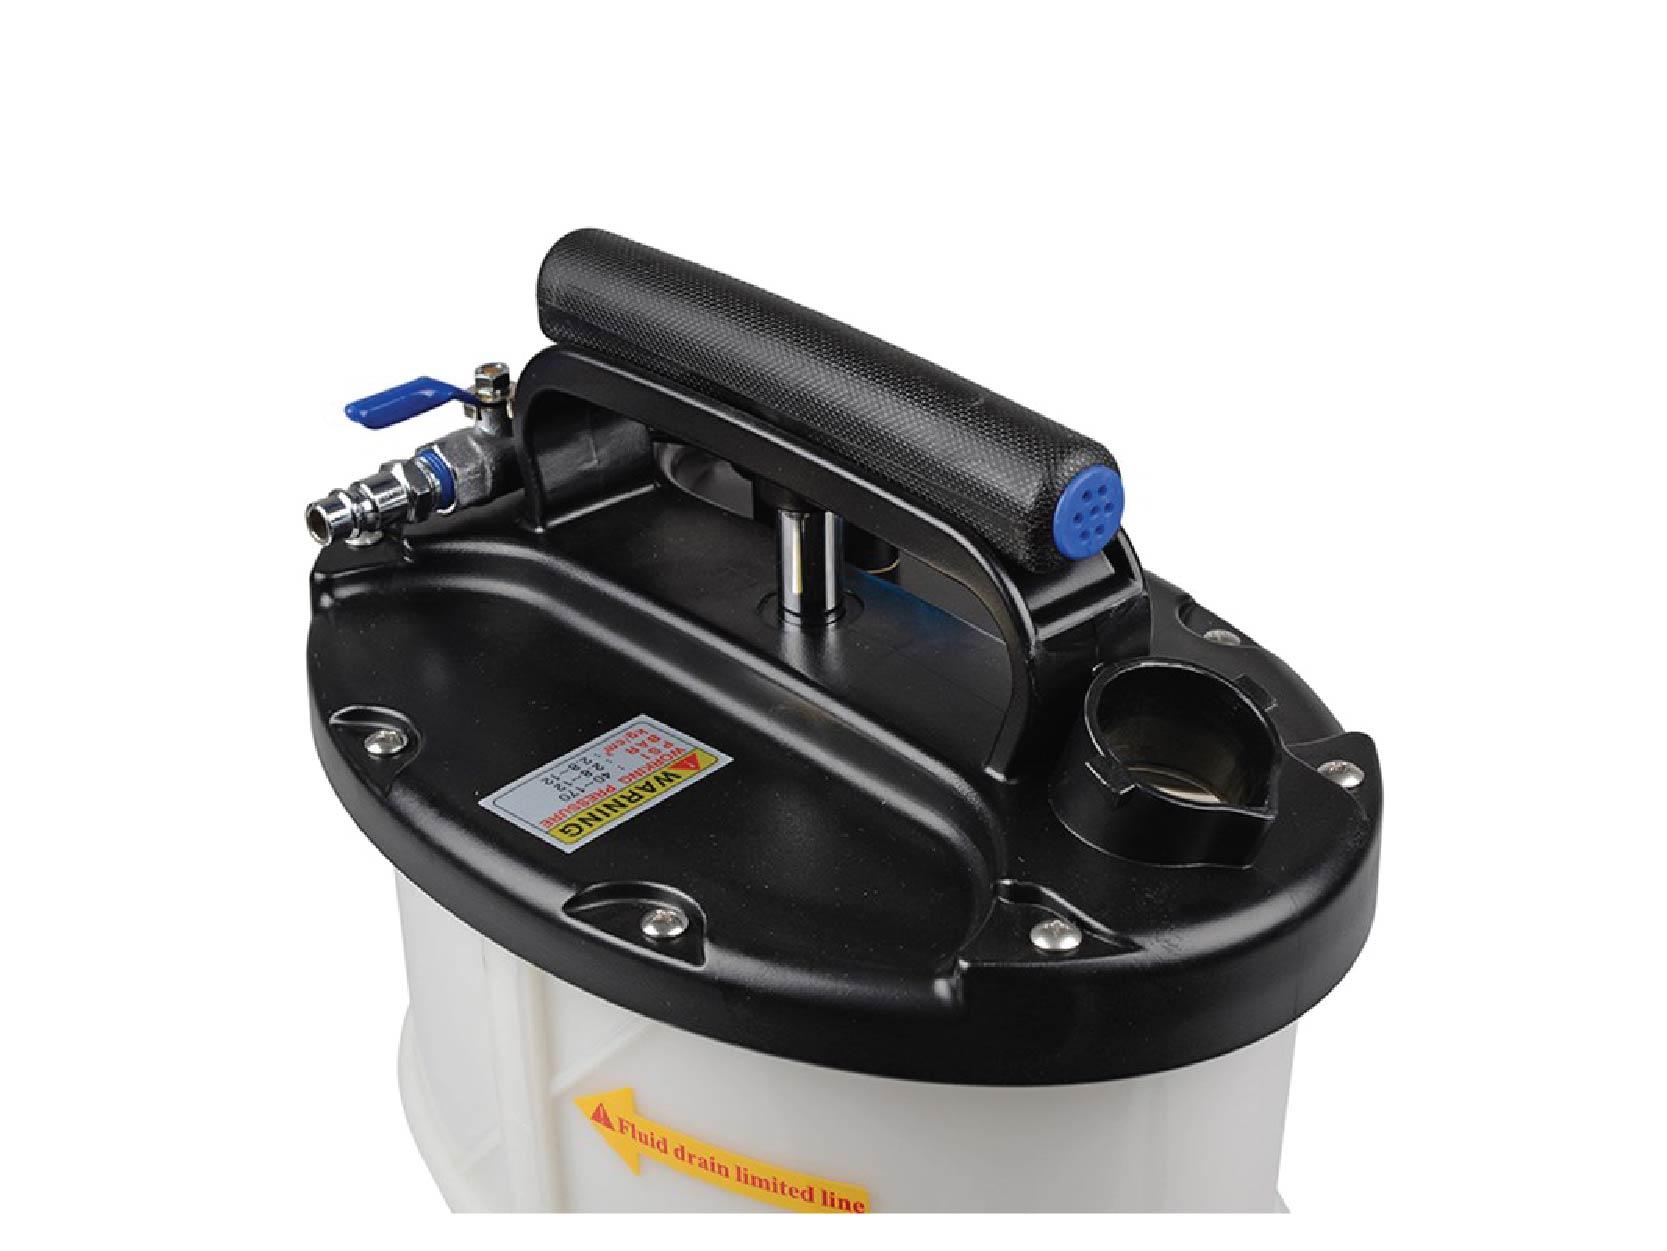 Eļļas maiņas instruments Eļļas maiņas ekstraktors 6,5 L